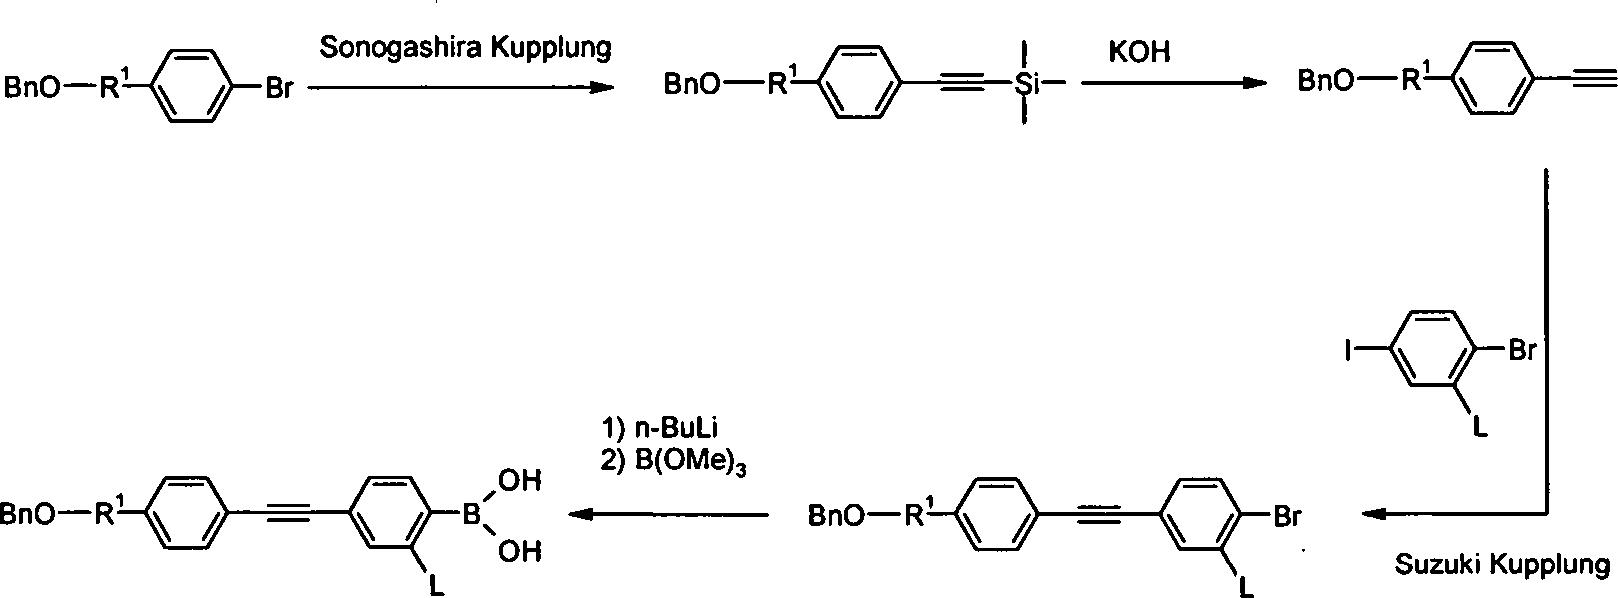 Figure DE102015008172A1_0018